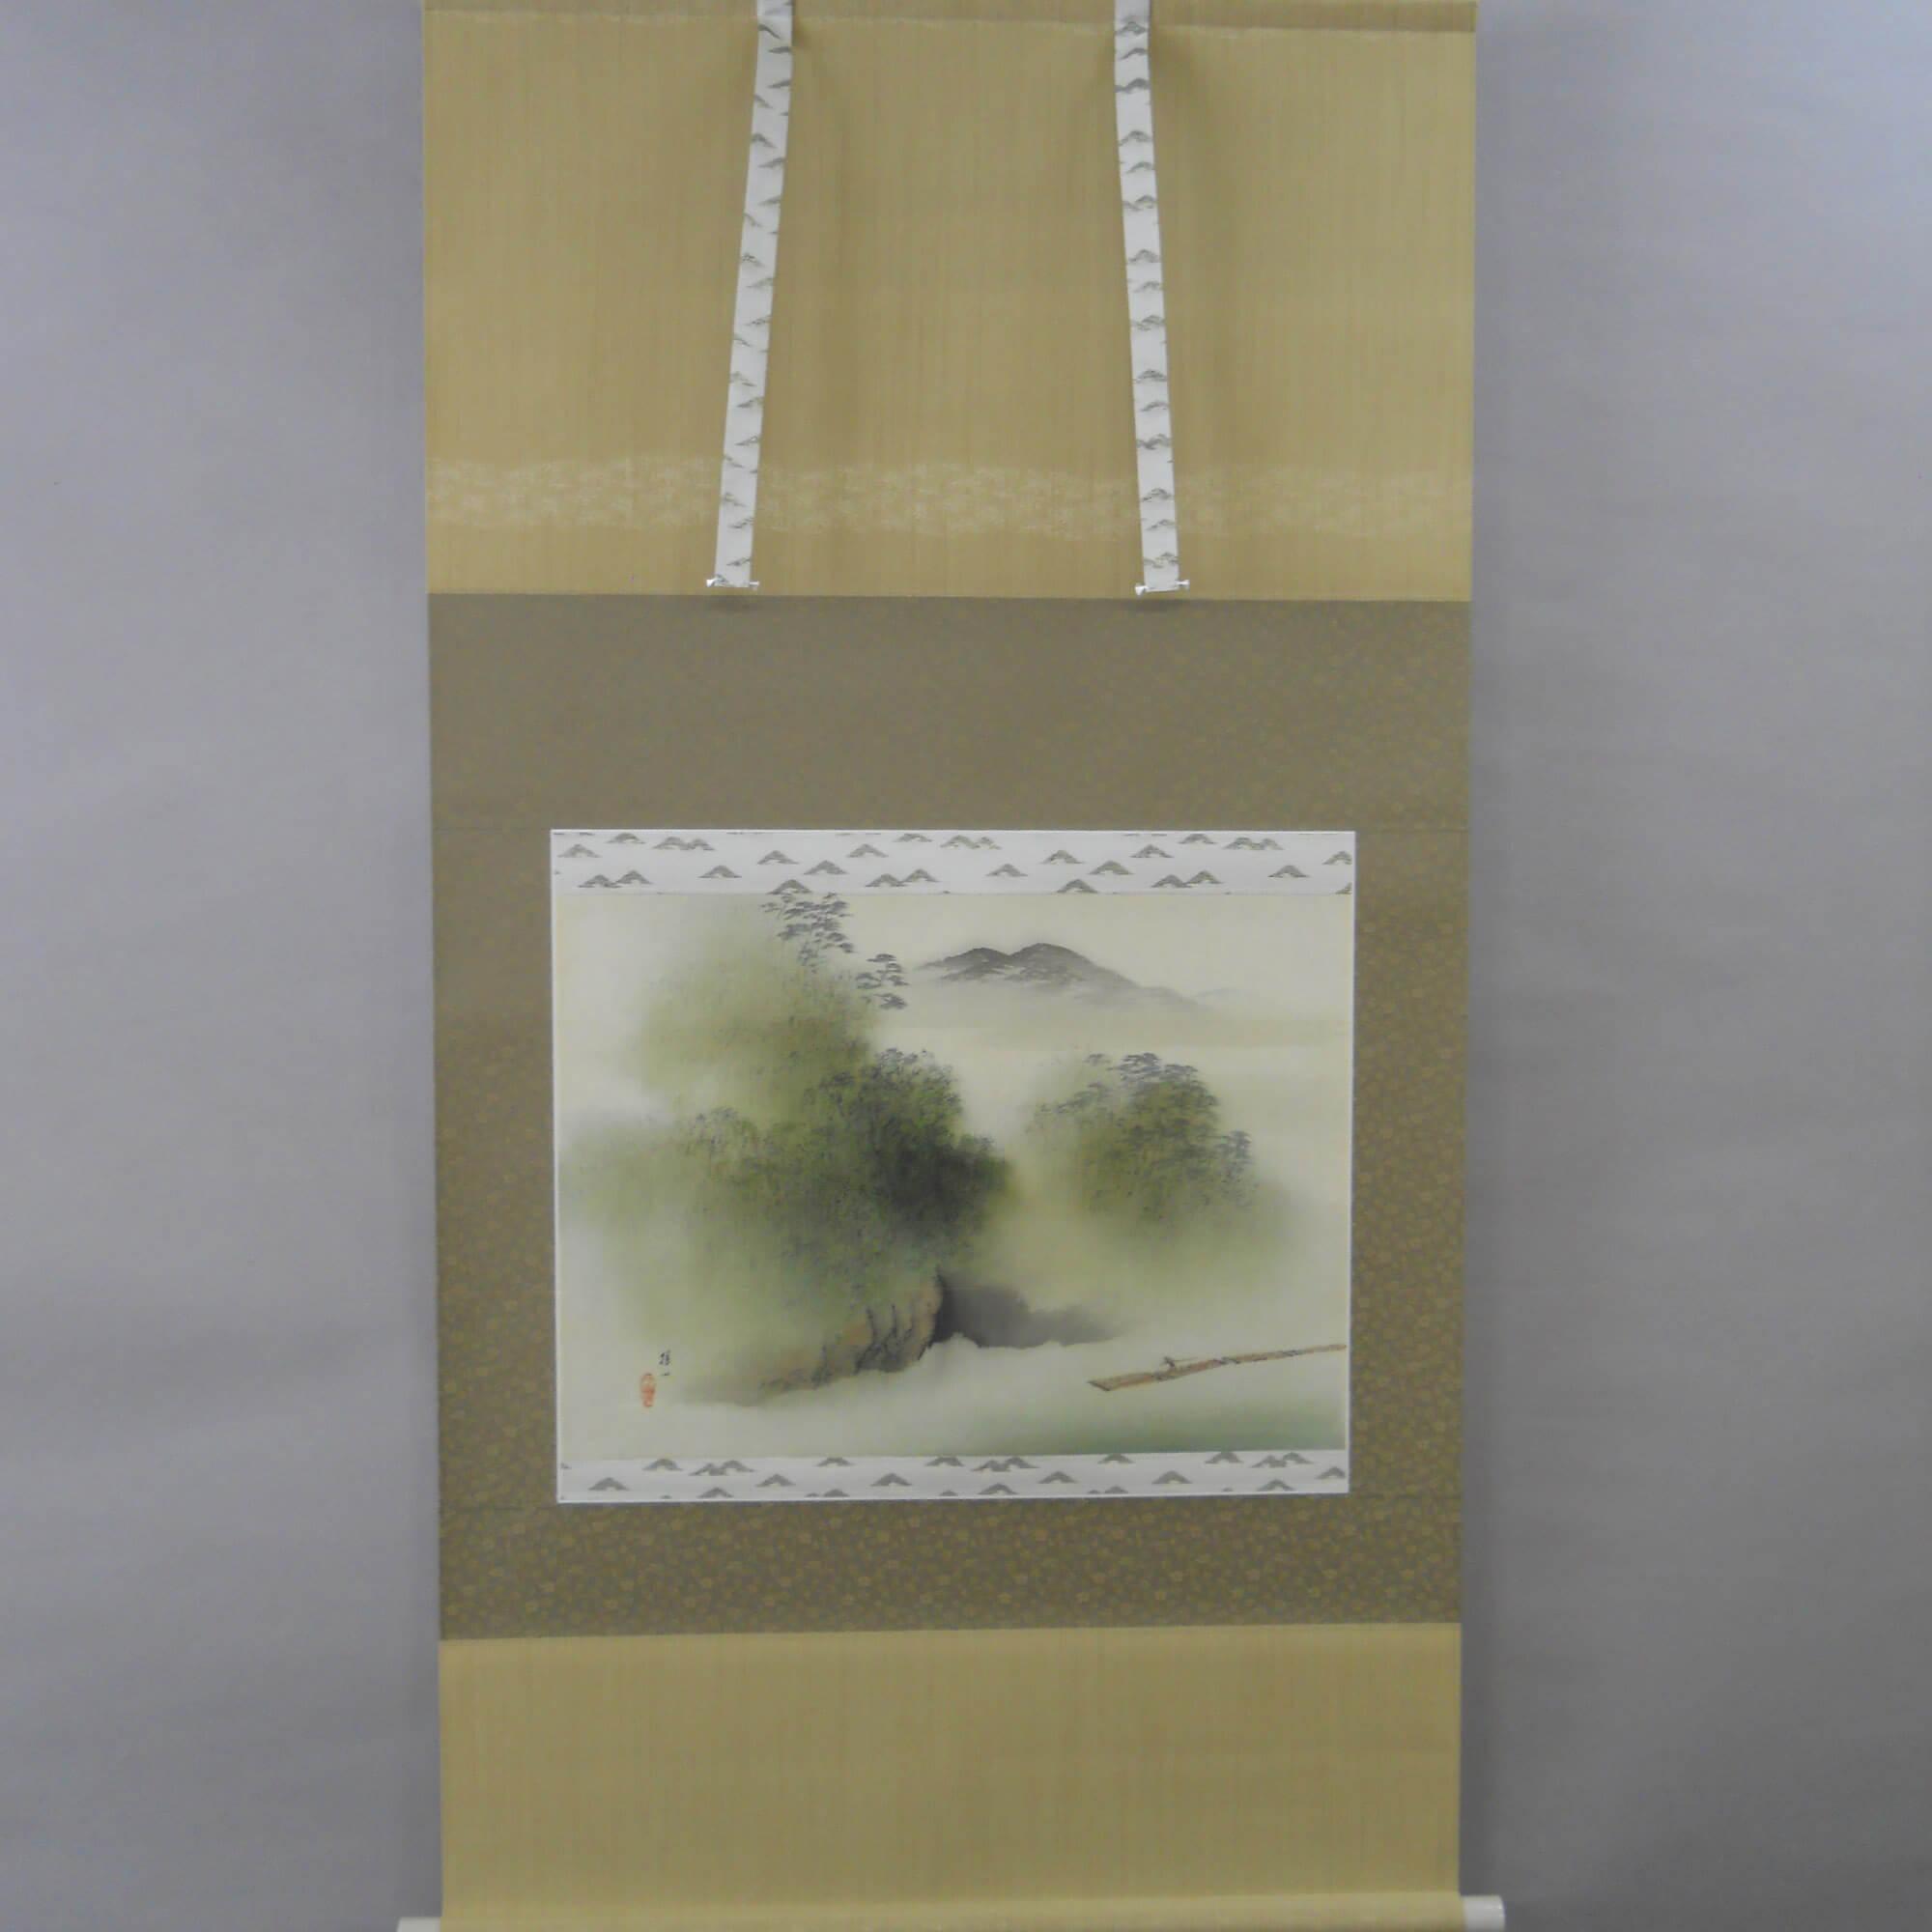 Landscape Painting: Arashiyama Gorge and Raft / Hirai Baisen